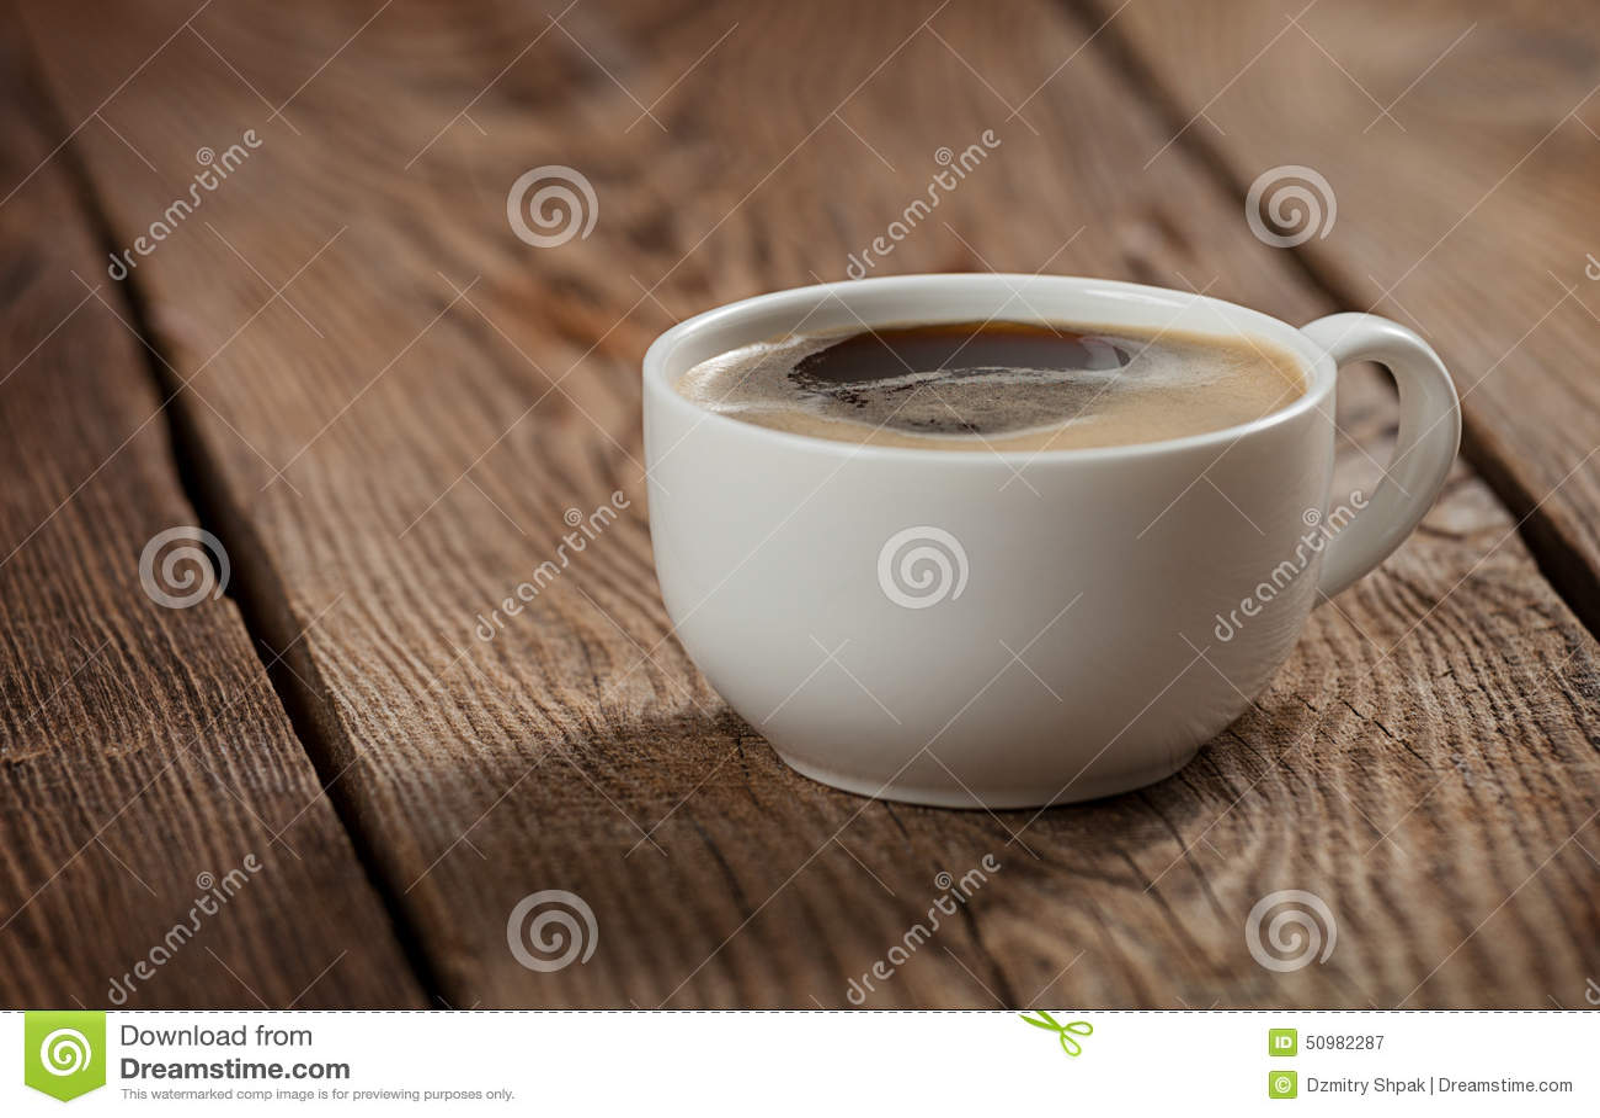 Une tasse de café sur la table des vieux conseils